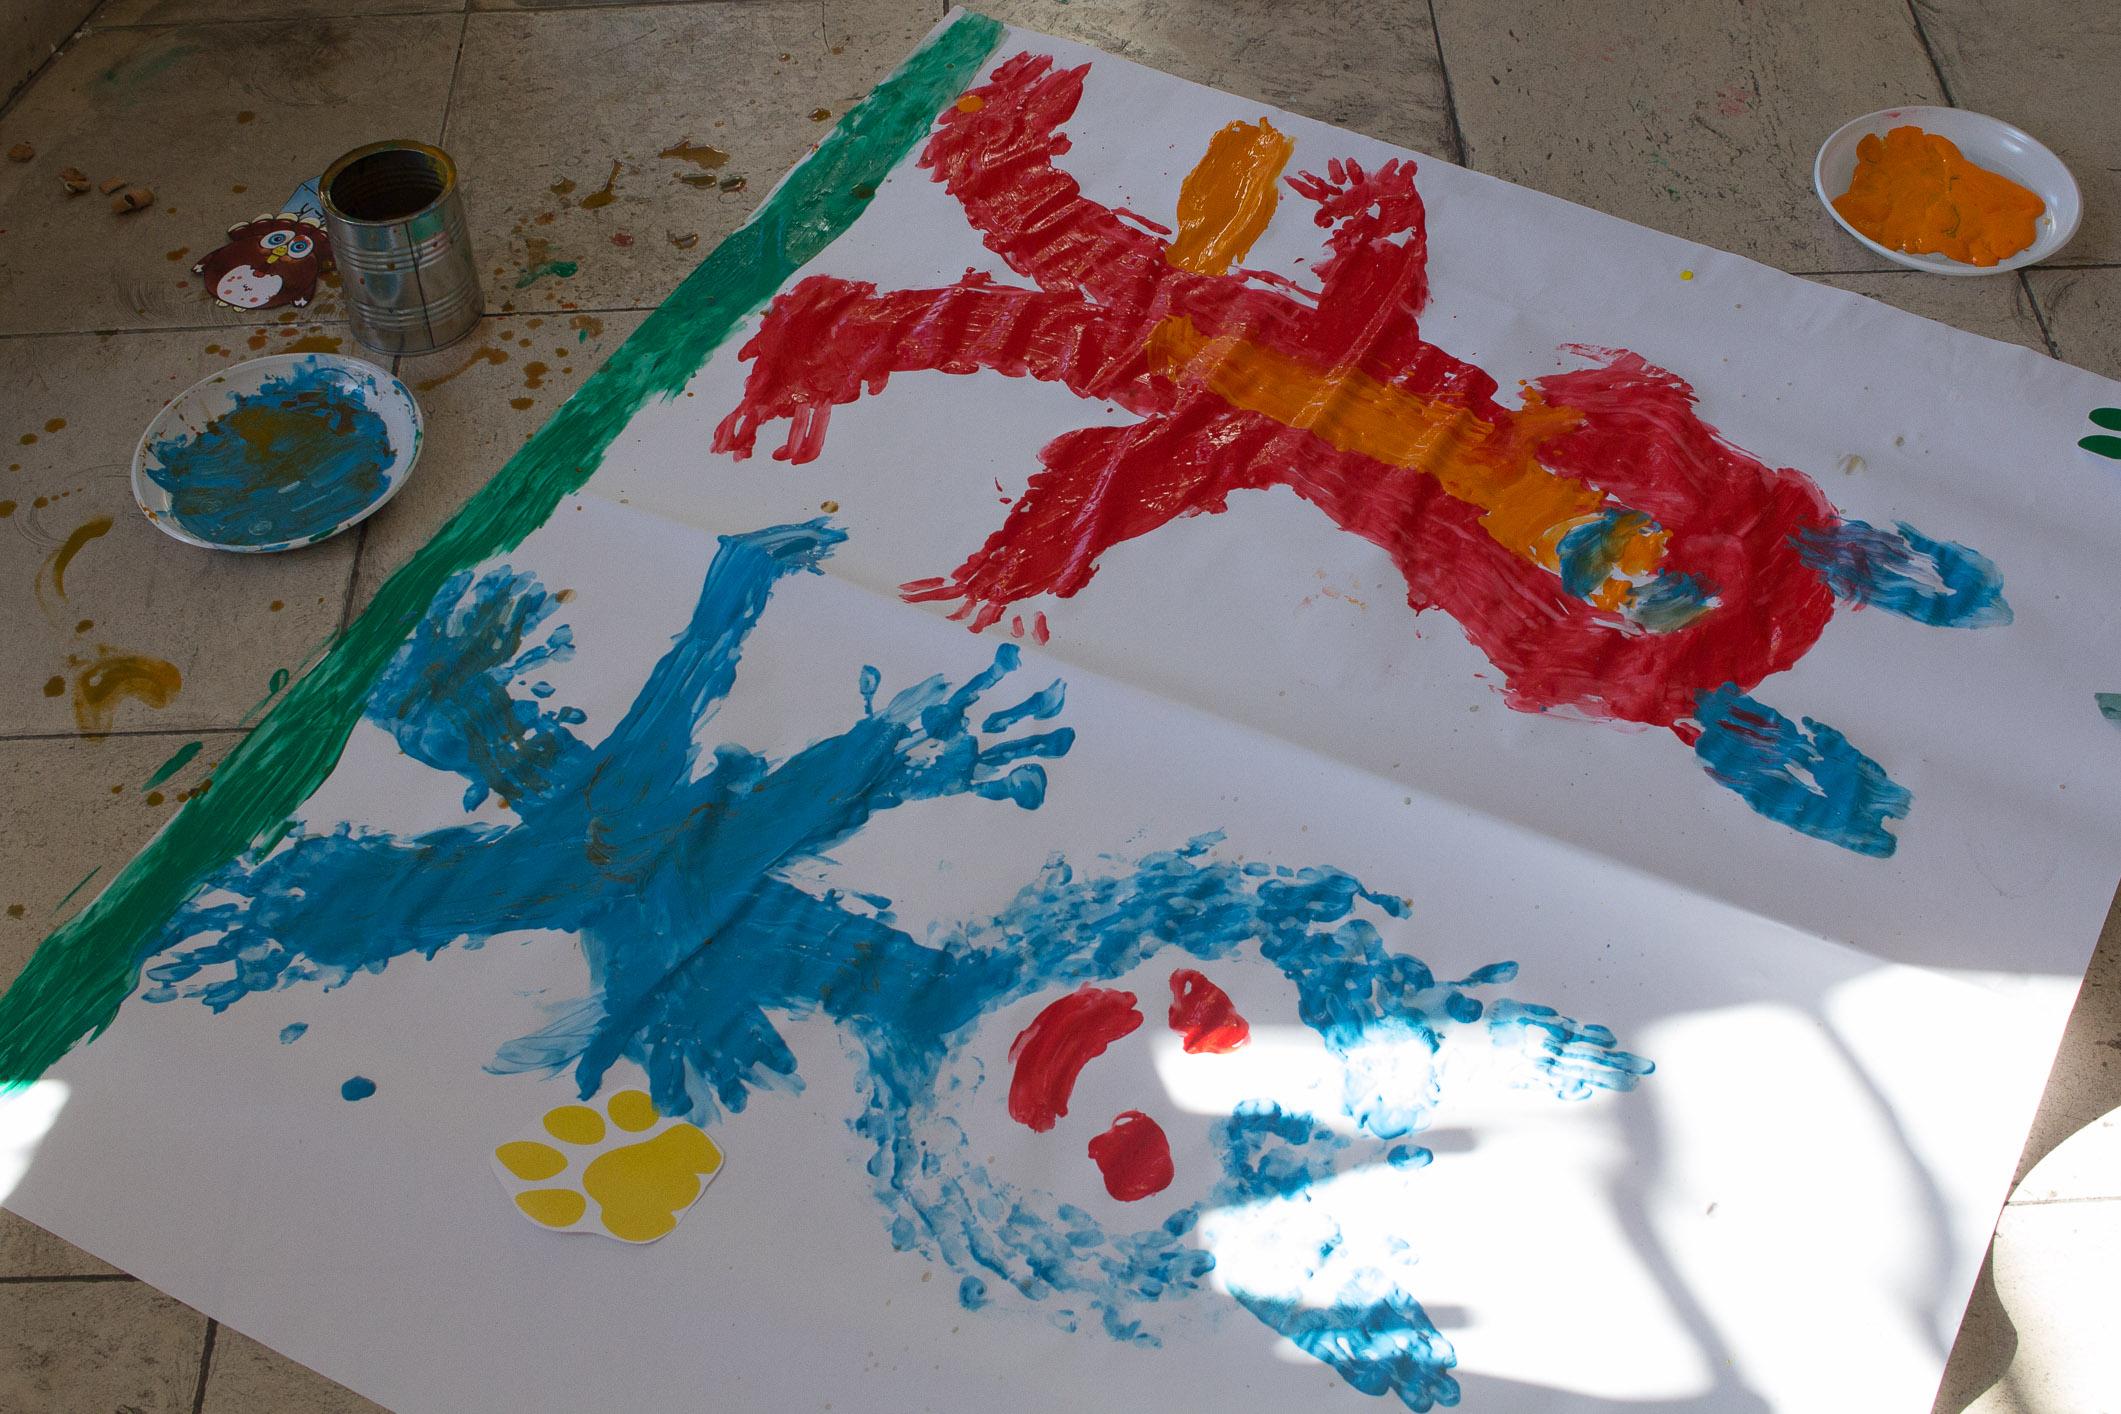 malovanie-deti-sng-zamok